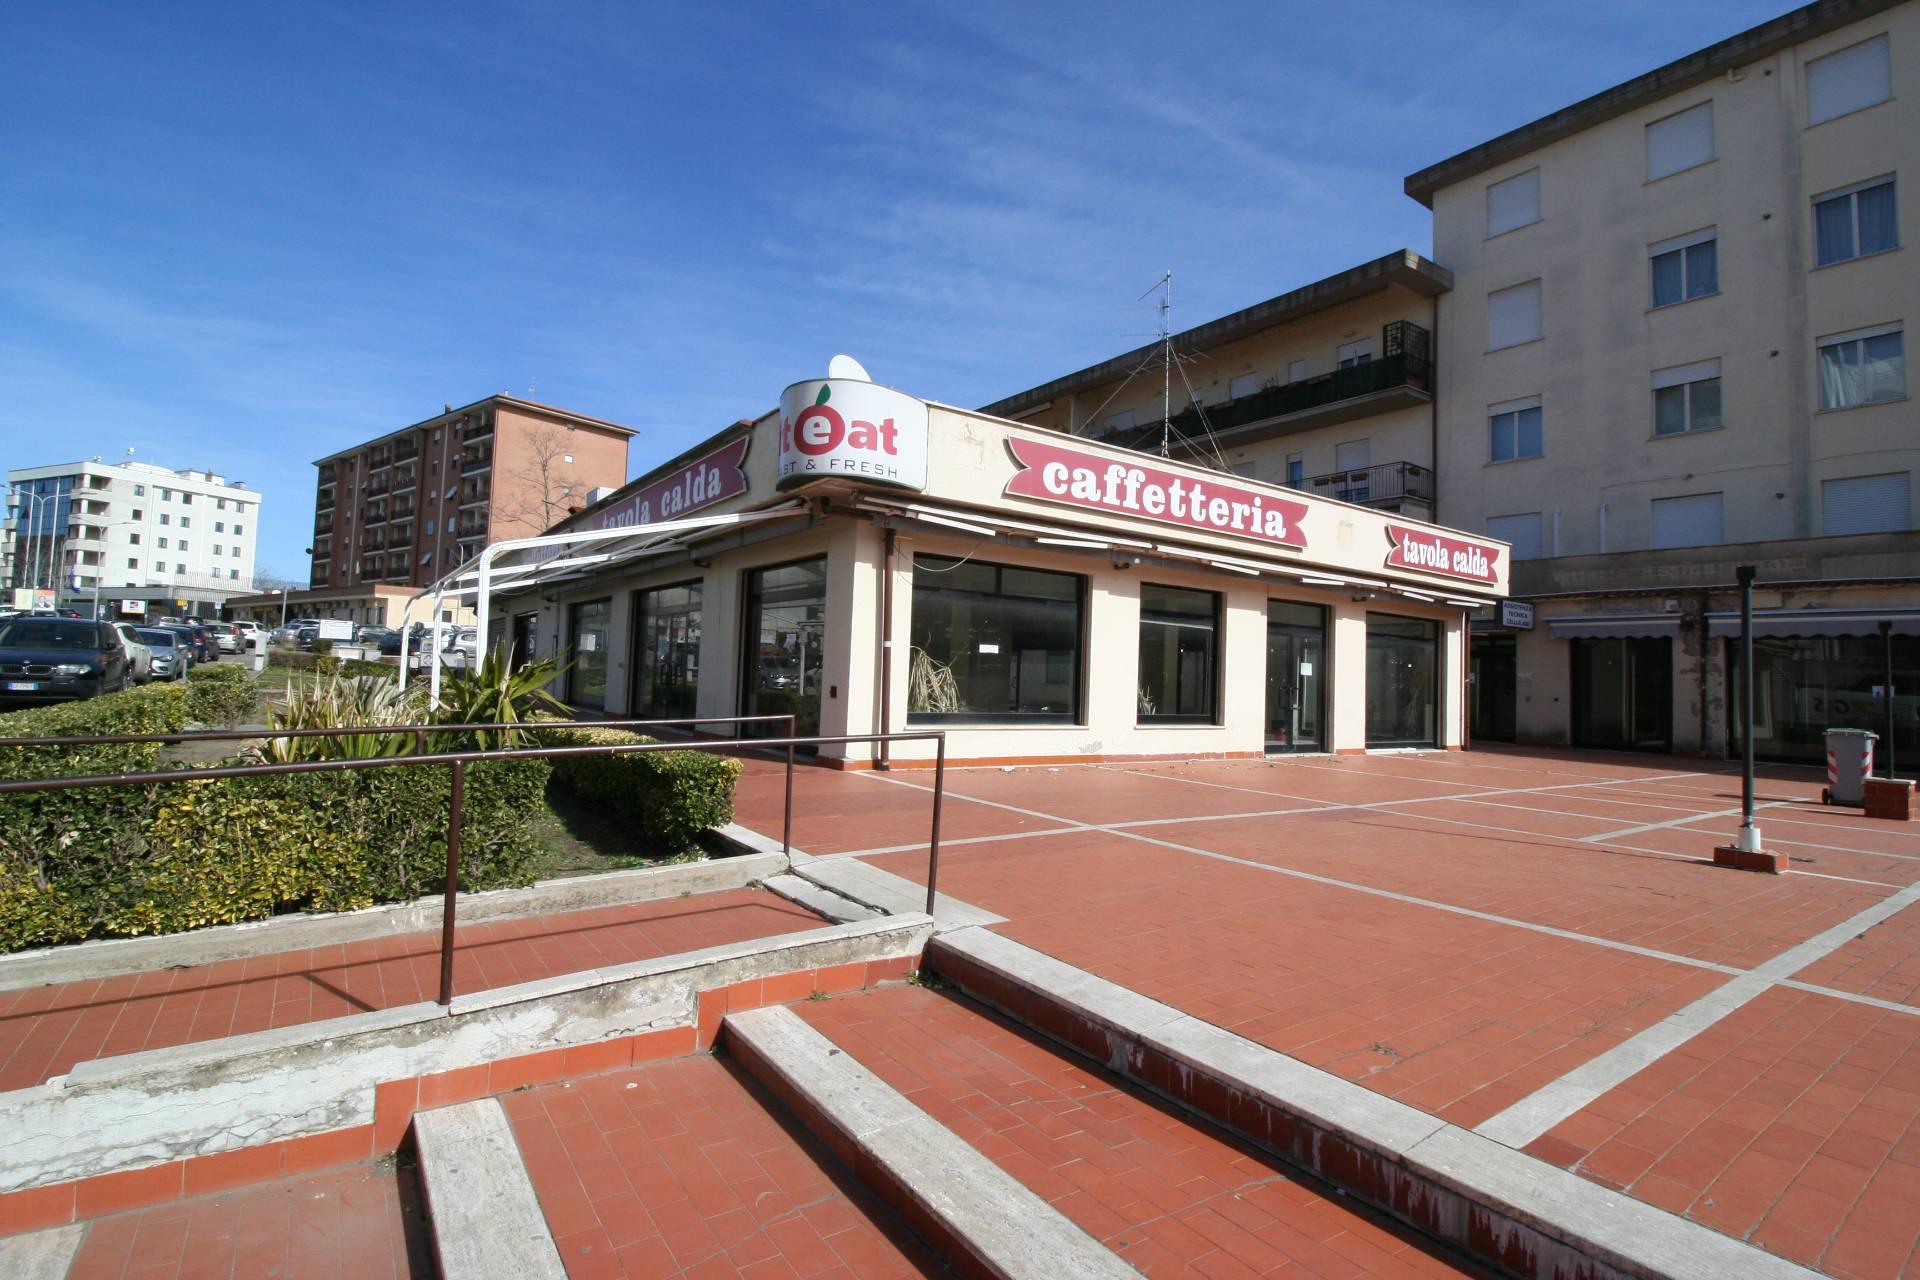 Negozio / Locale in vendita a Viterbo, 9999 locali, zona Località: Garbini-Palazzina, prezzo € 330.000   CambioCasa.it